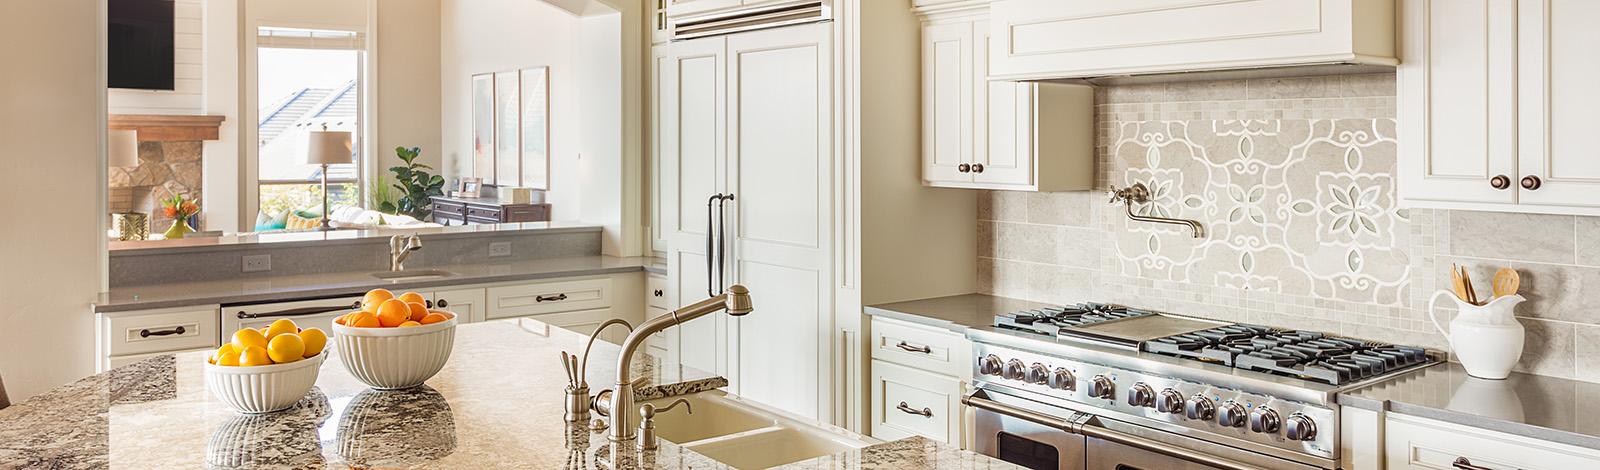 Armoire cuisine salle de bain en polyester fabrique plus - Armoire de cuisine thermoplastique ou polyester ...